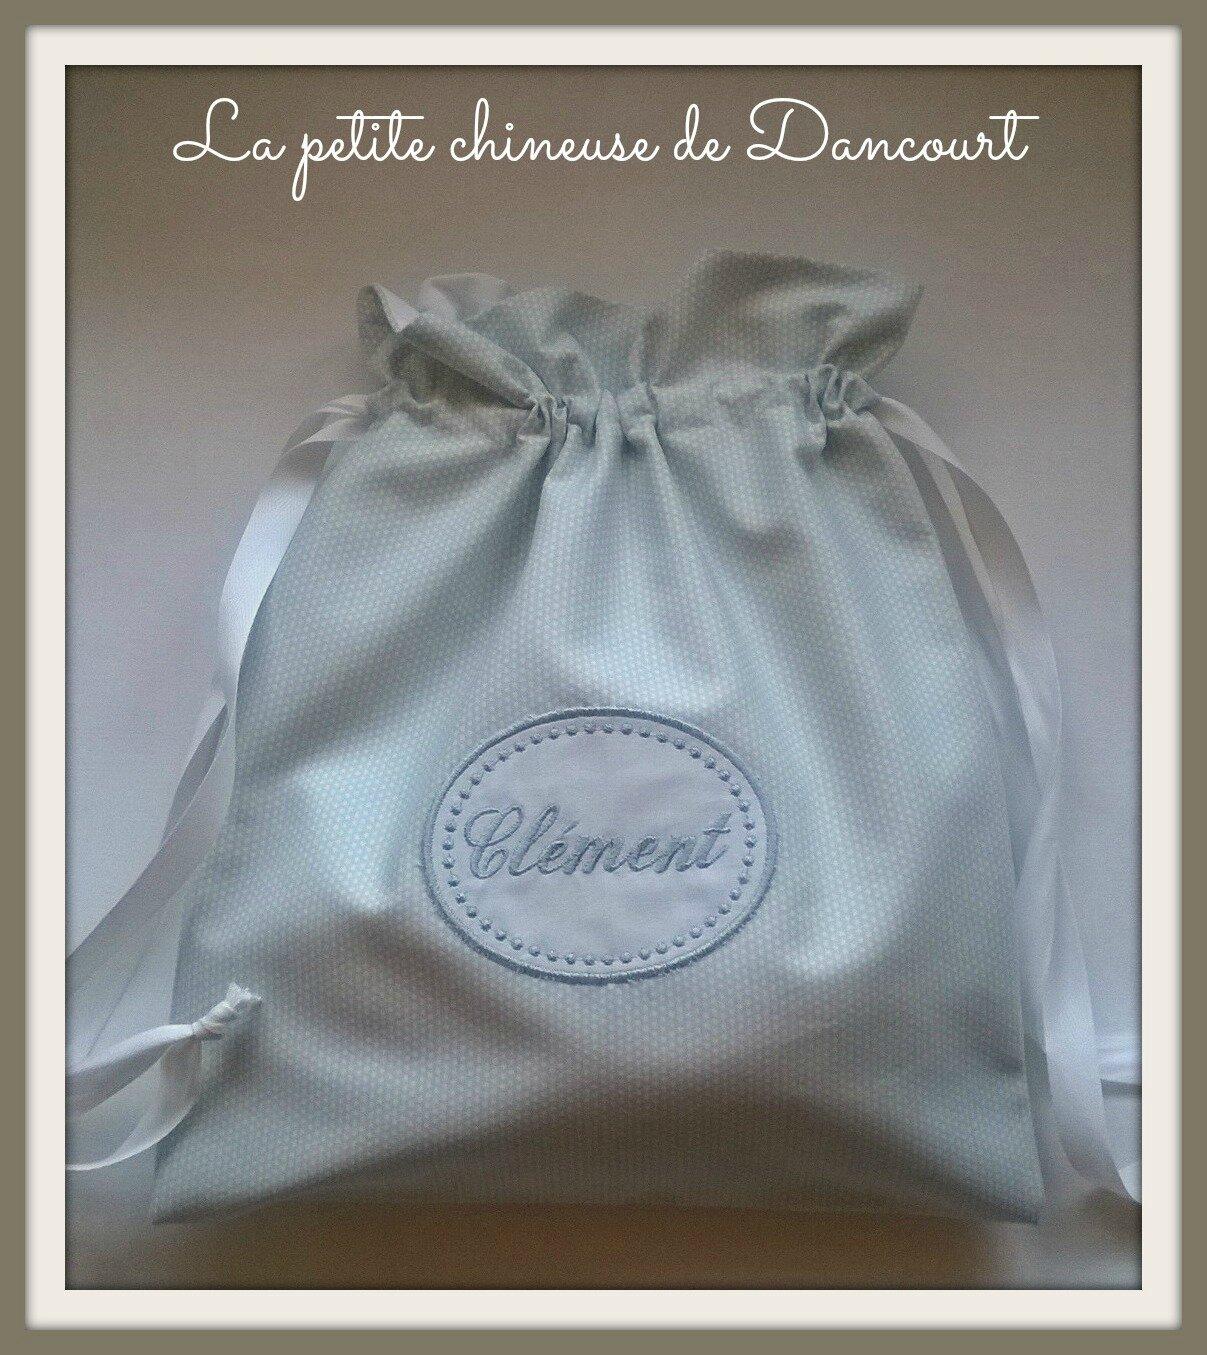 Petits sacs personnalisés chez la petite chineuse de Dancourt